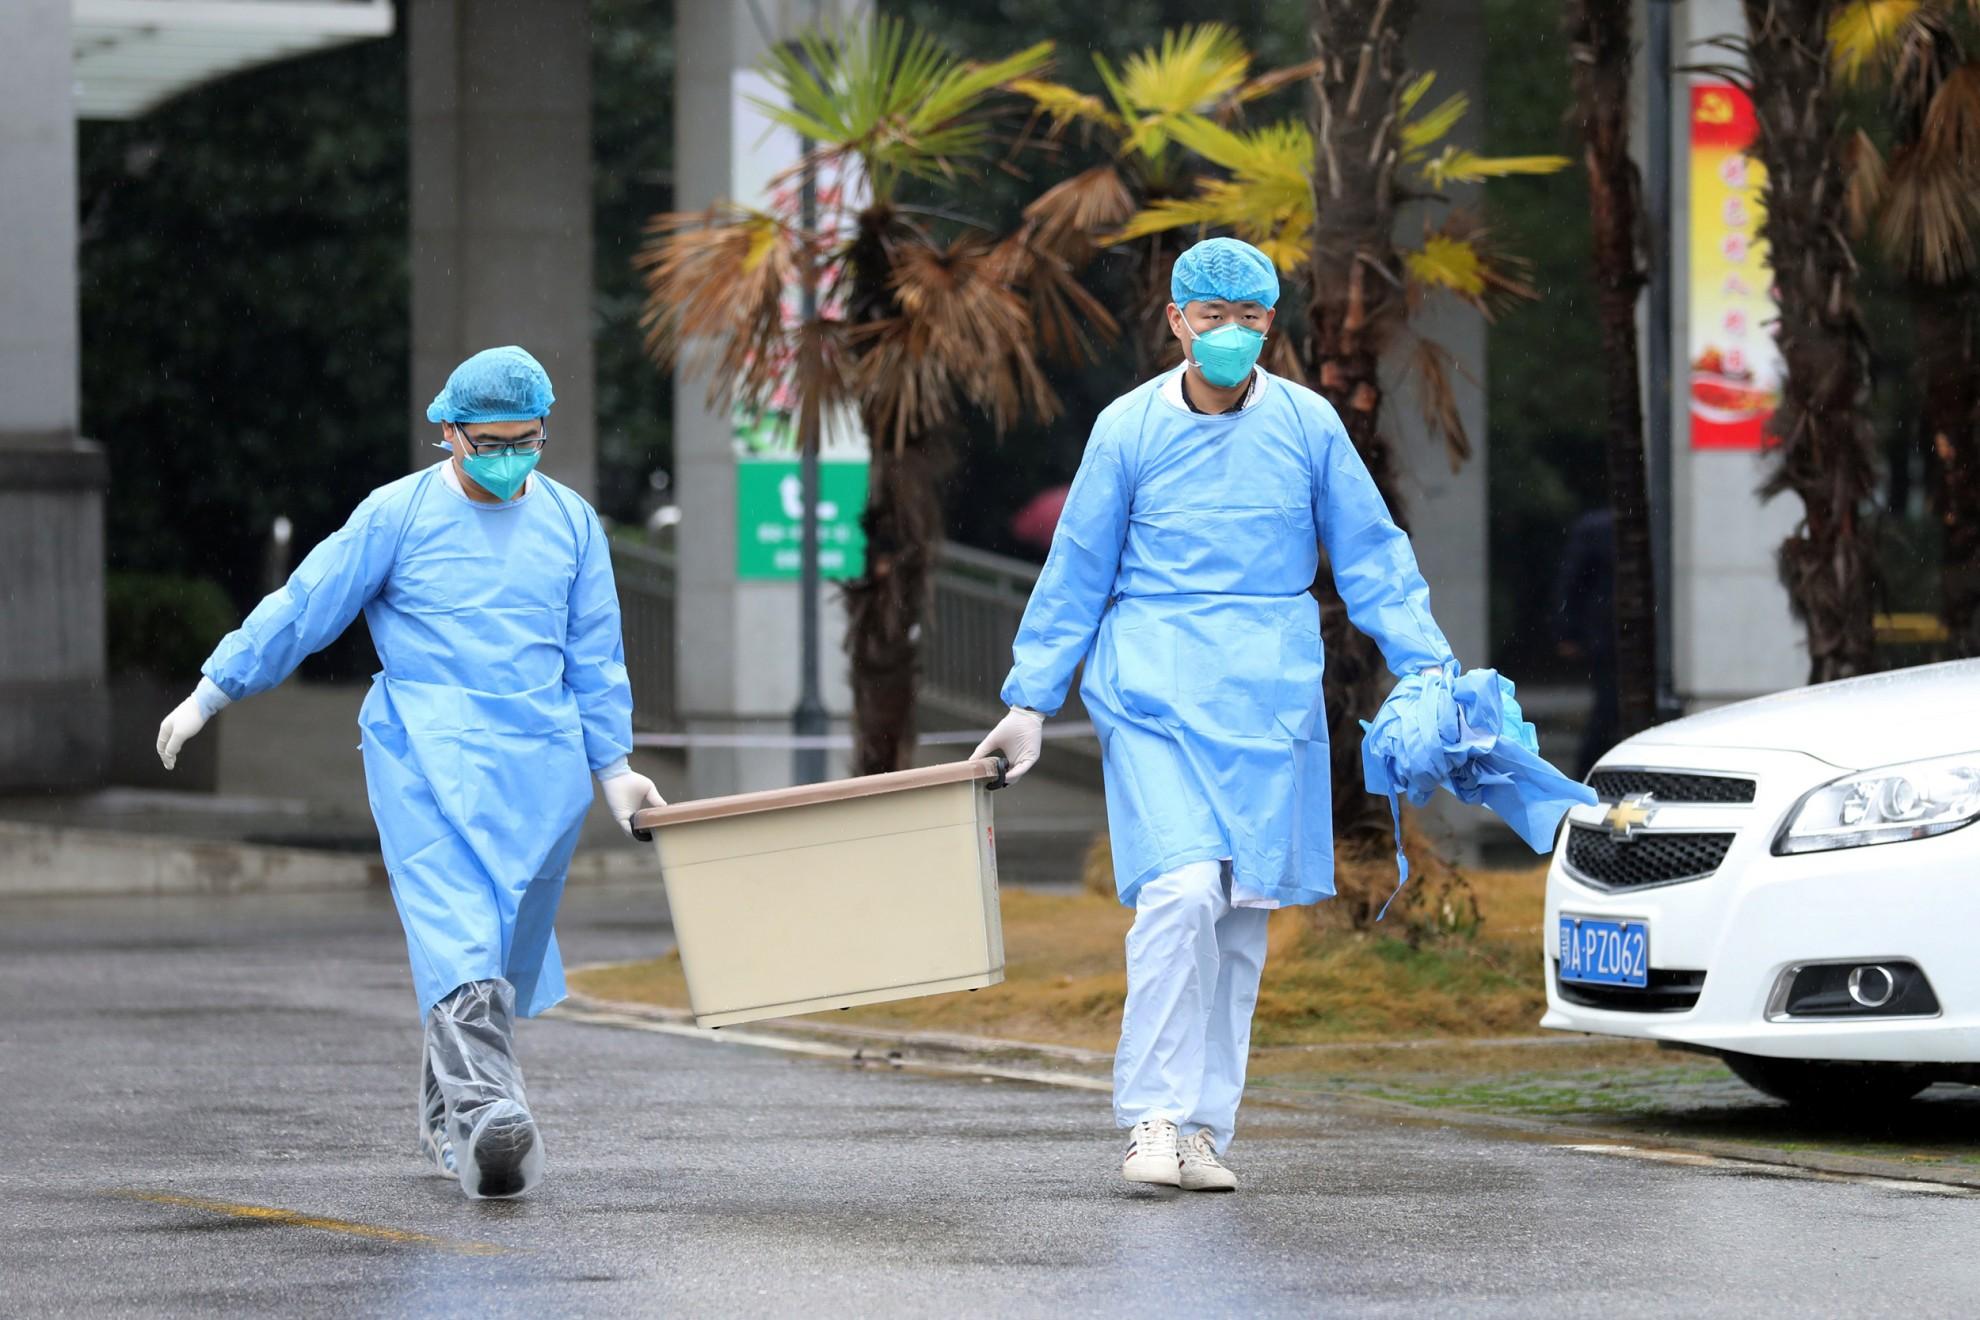 Noul tip de coronavirus din China face tot mai multe victime. Bilanț îngrijorător: 9 morți și 440 de persoane infectate